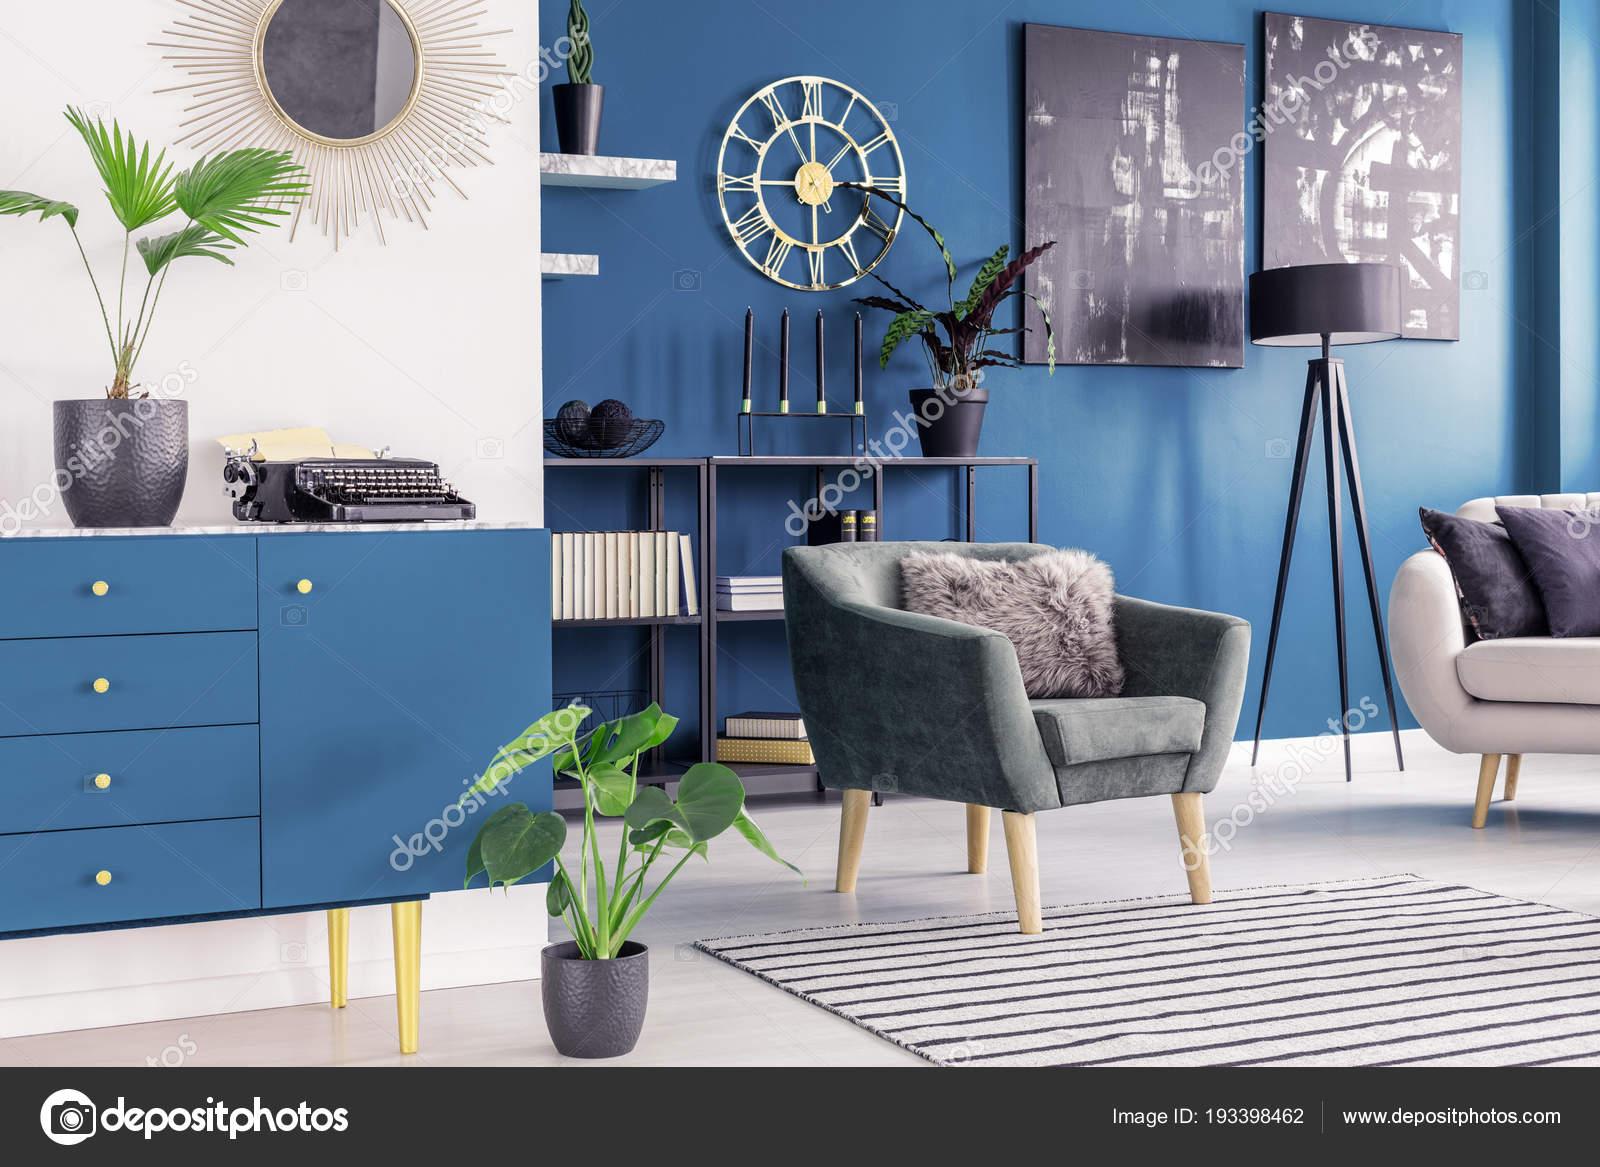 navy blue kitchen rugs maytag appliances 在舒适的起居室内用绿色扶手椅装饰地毯上的蓝色橱柜 图库照片